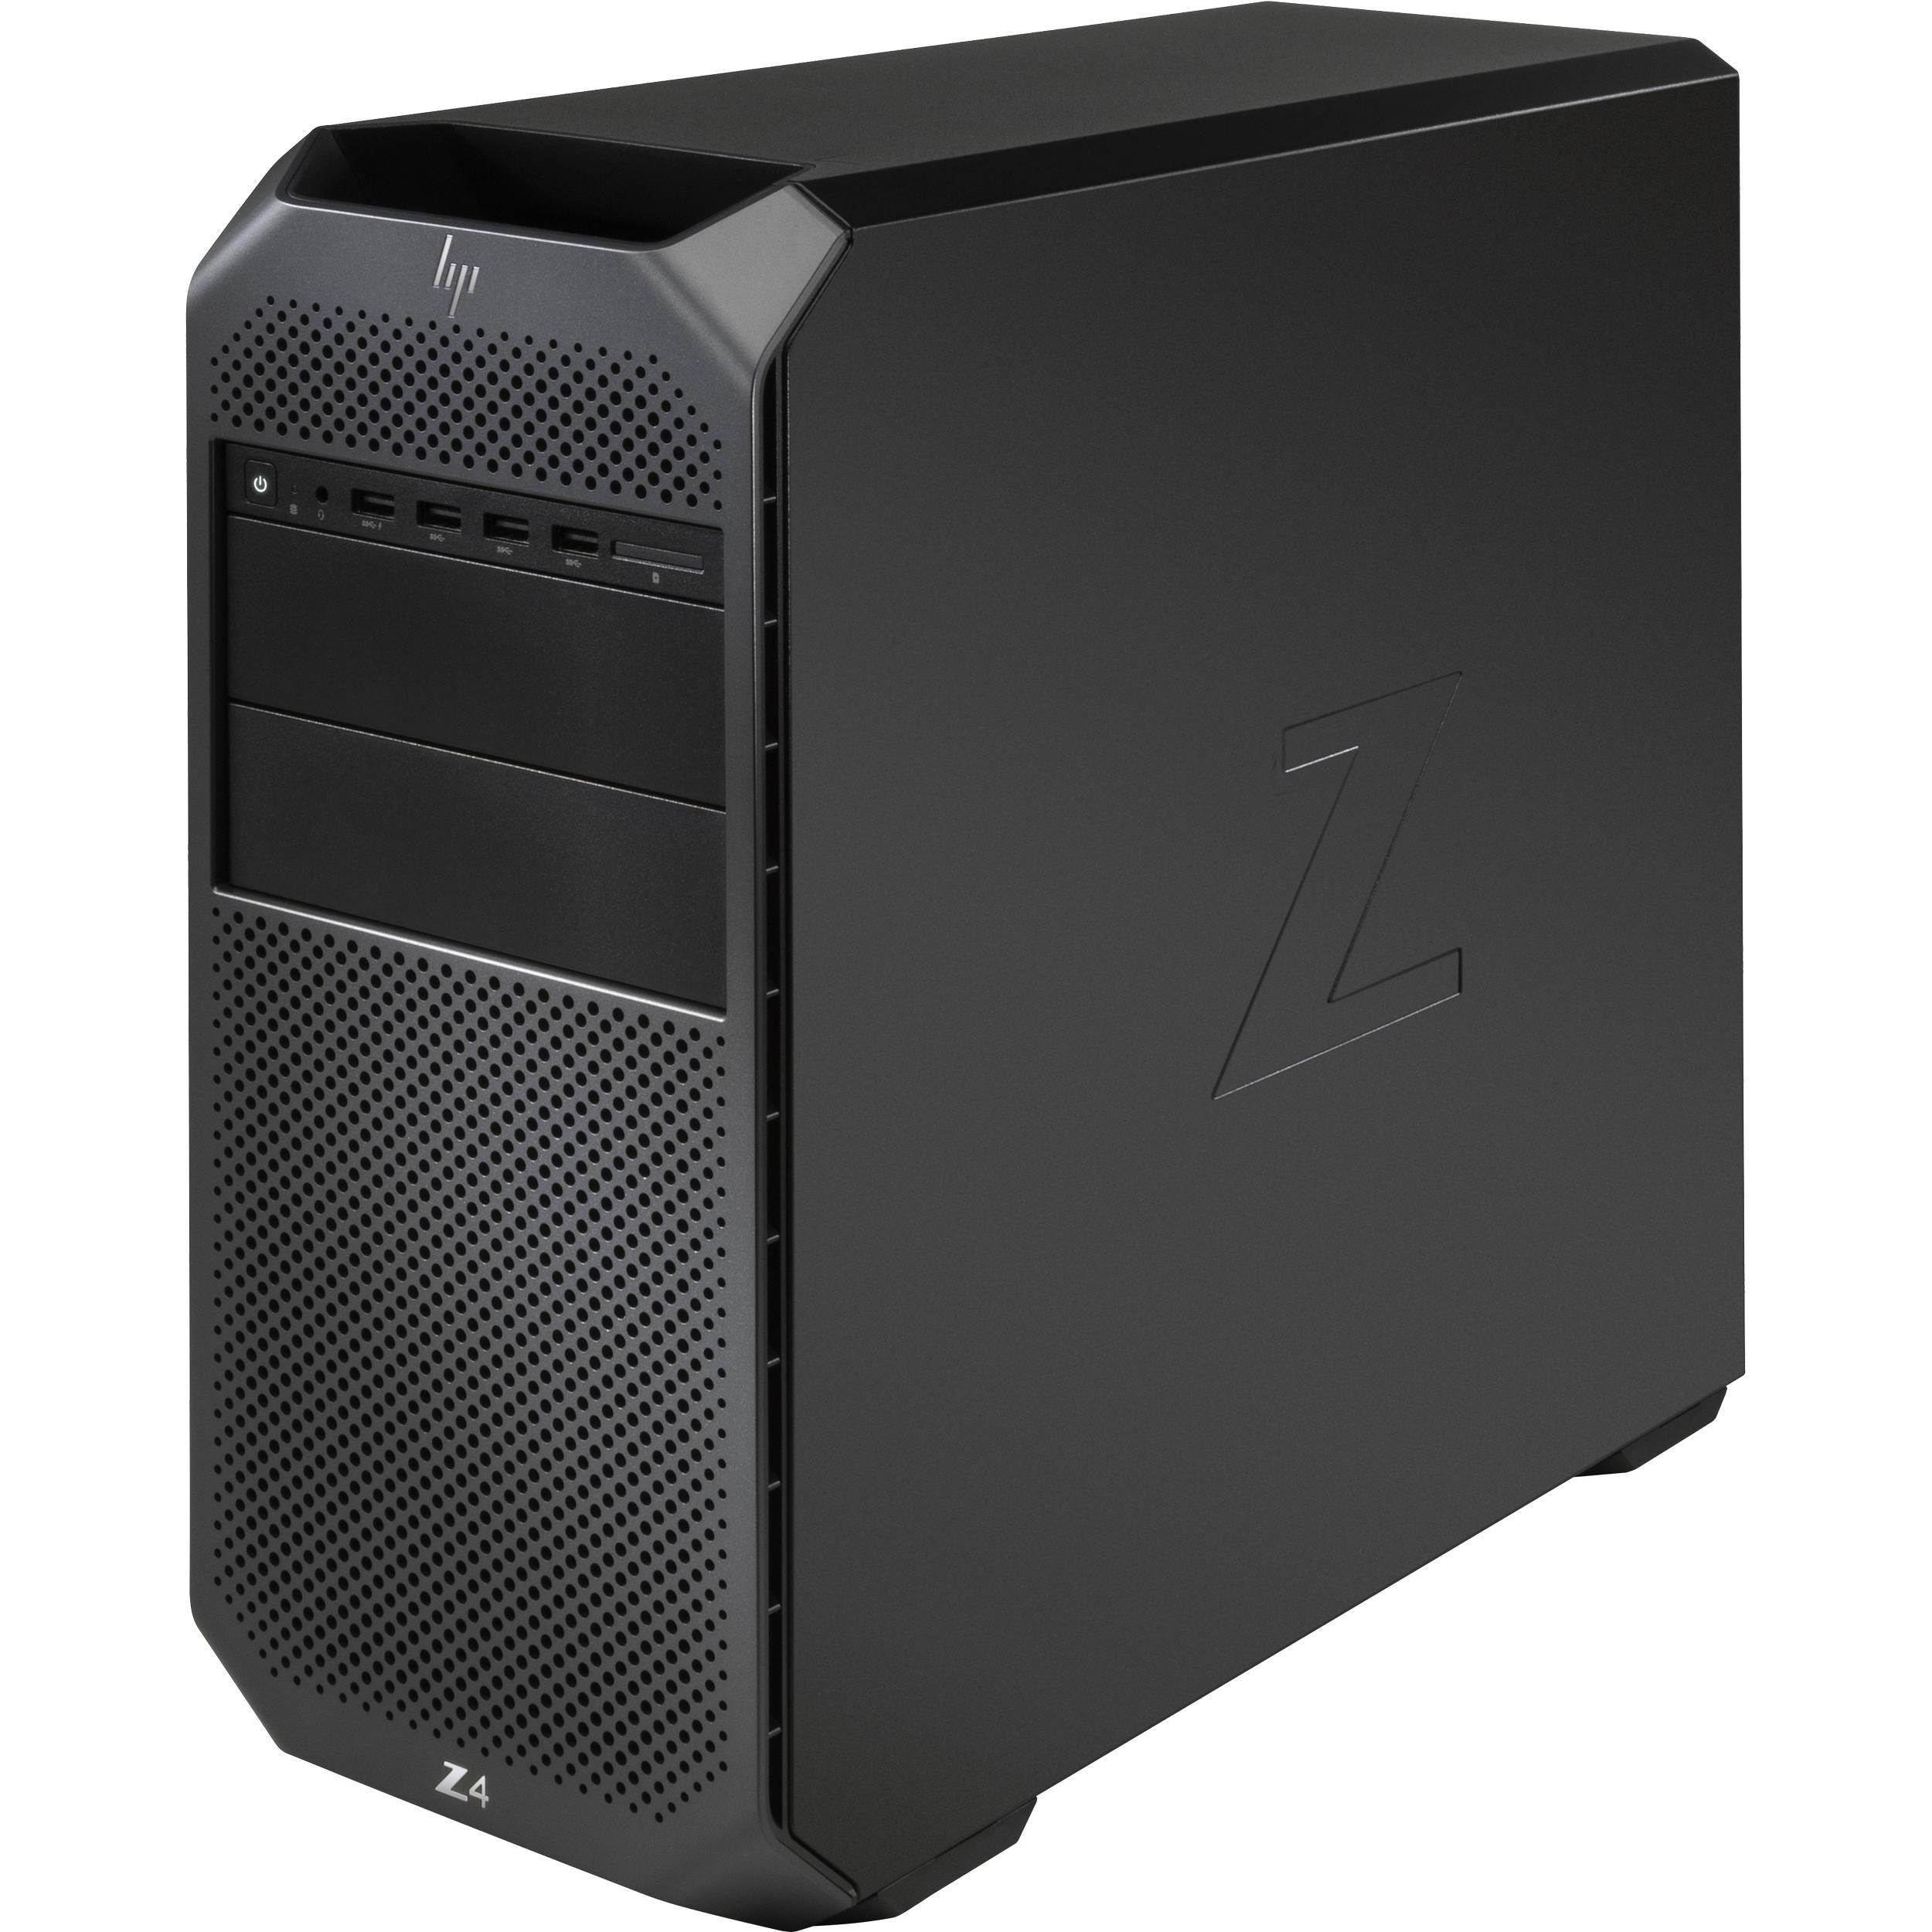 کامپیوتر دسکتاپ اچ پی مدل Z4 G4 Workstation-H